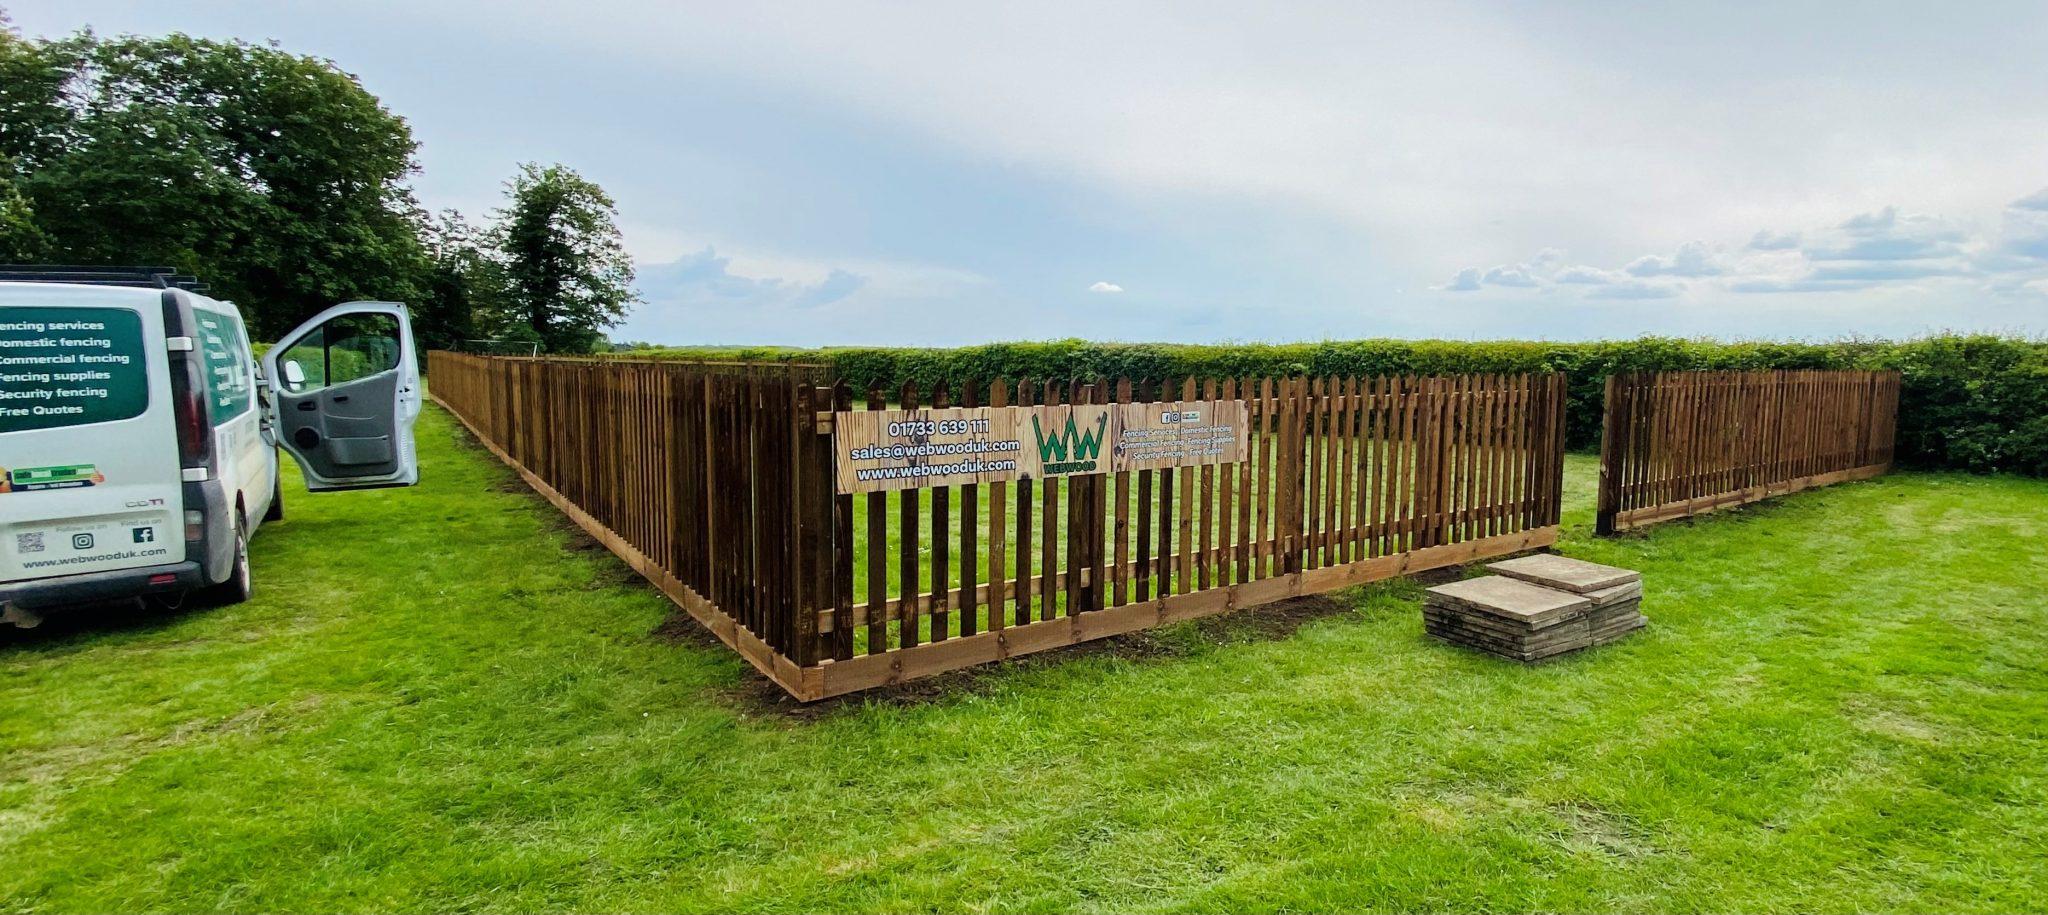 picket fencing enclosure for pub 3